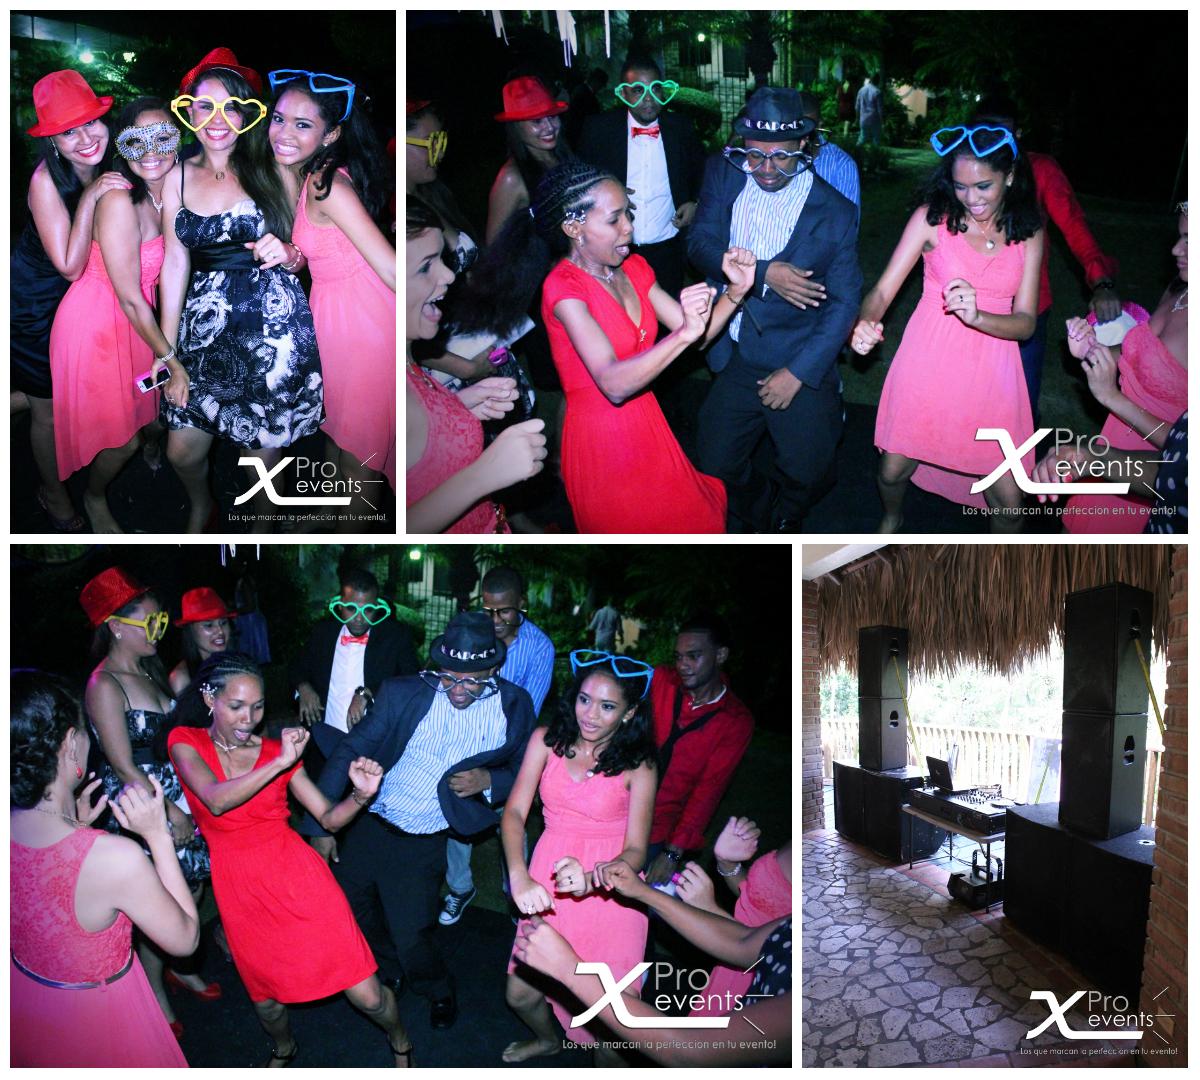 www.Xproevents.com - Los que marcan la perfeccion en tu evento 02 (2).jpg